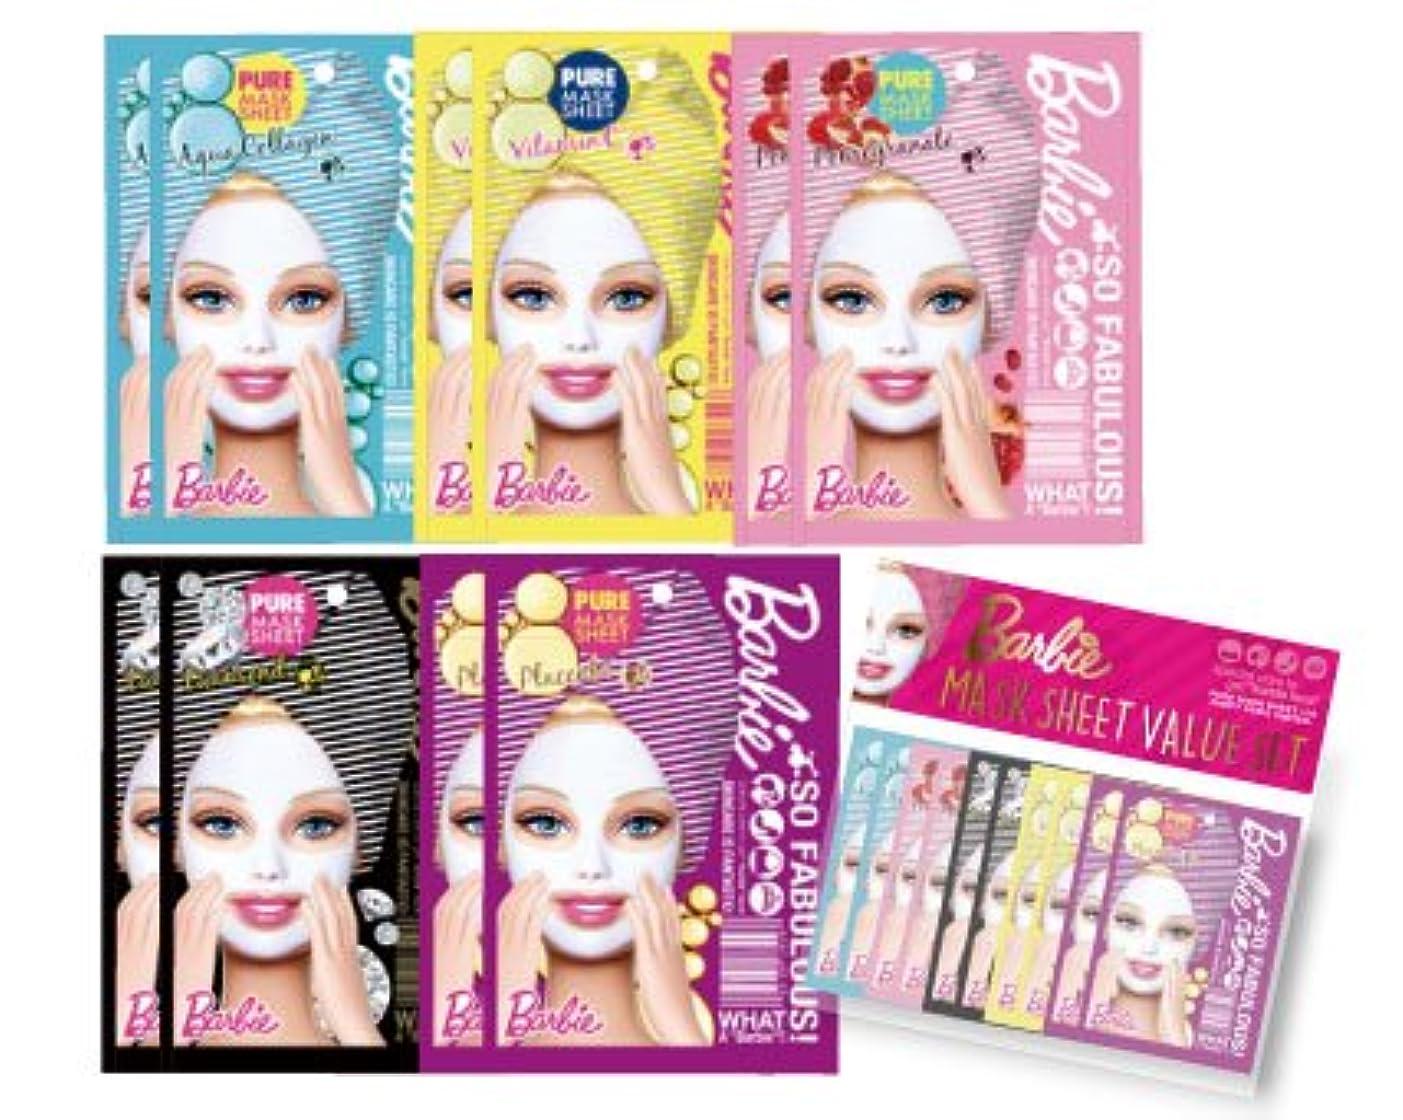 本質的ではない座るクラックポットヒューマンリンク バービー (Barbie) フェイスマスク バリューセット 25ml×10枚入り (コラーゲン/ビタミンC/ポメグラネート/ダイアモンド/プラセンタ) 顔 シートマスク [保湿/うるおい/キメ/透明感/...